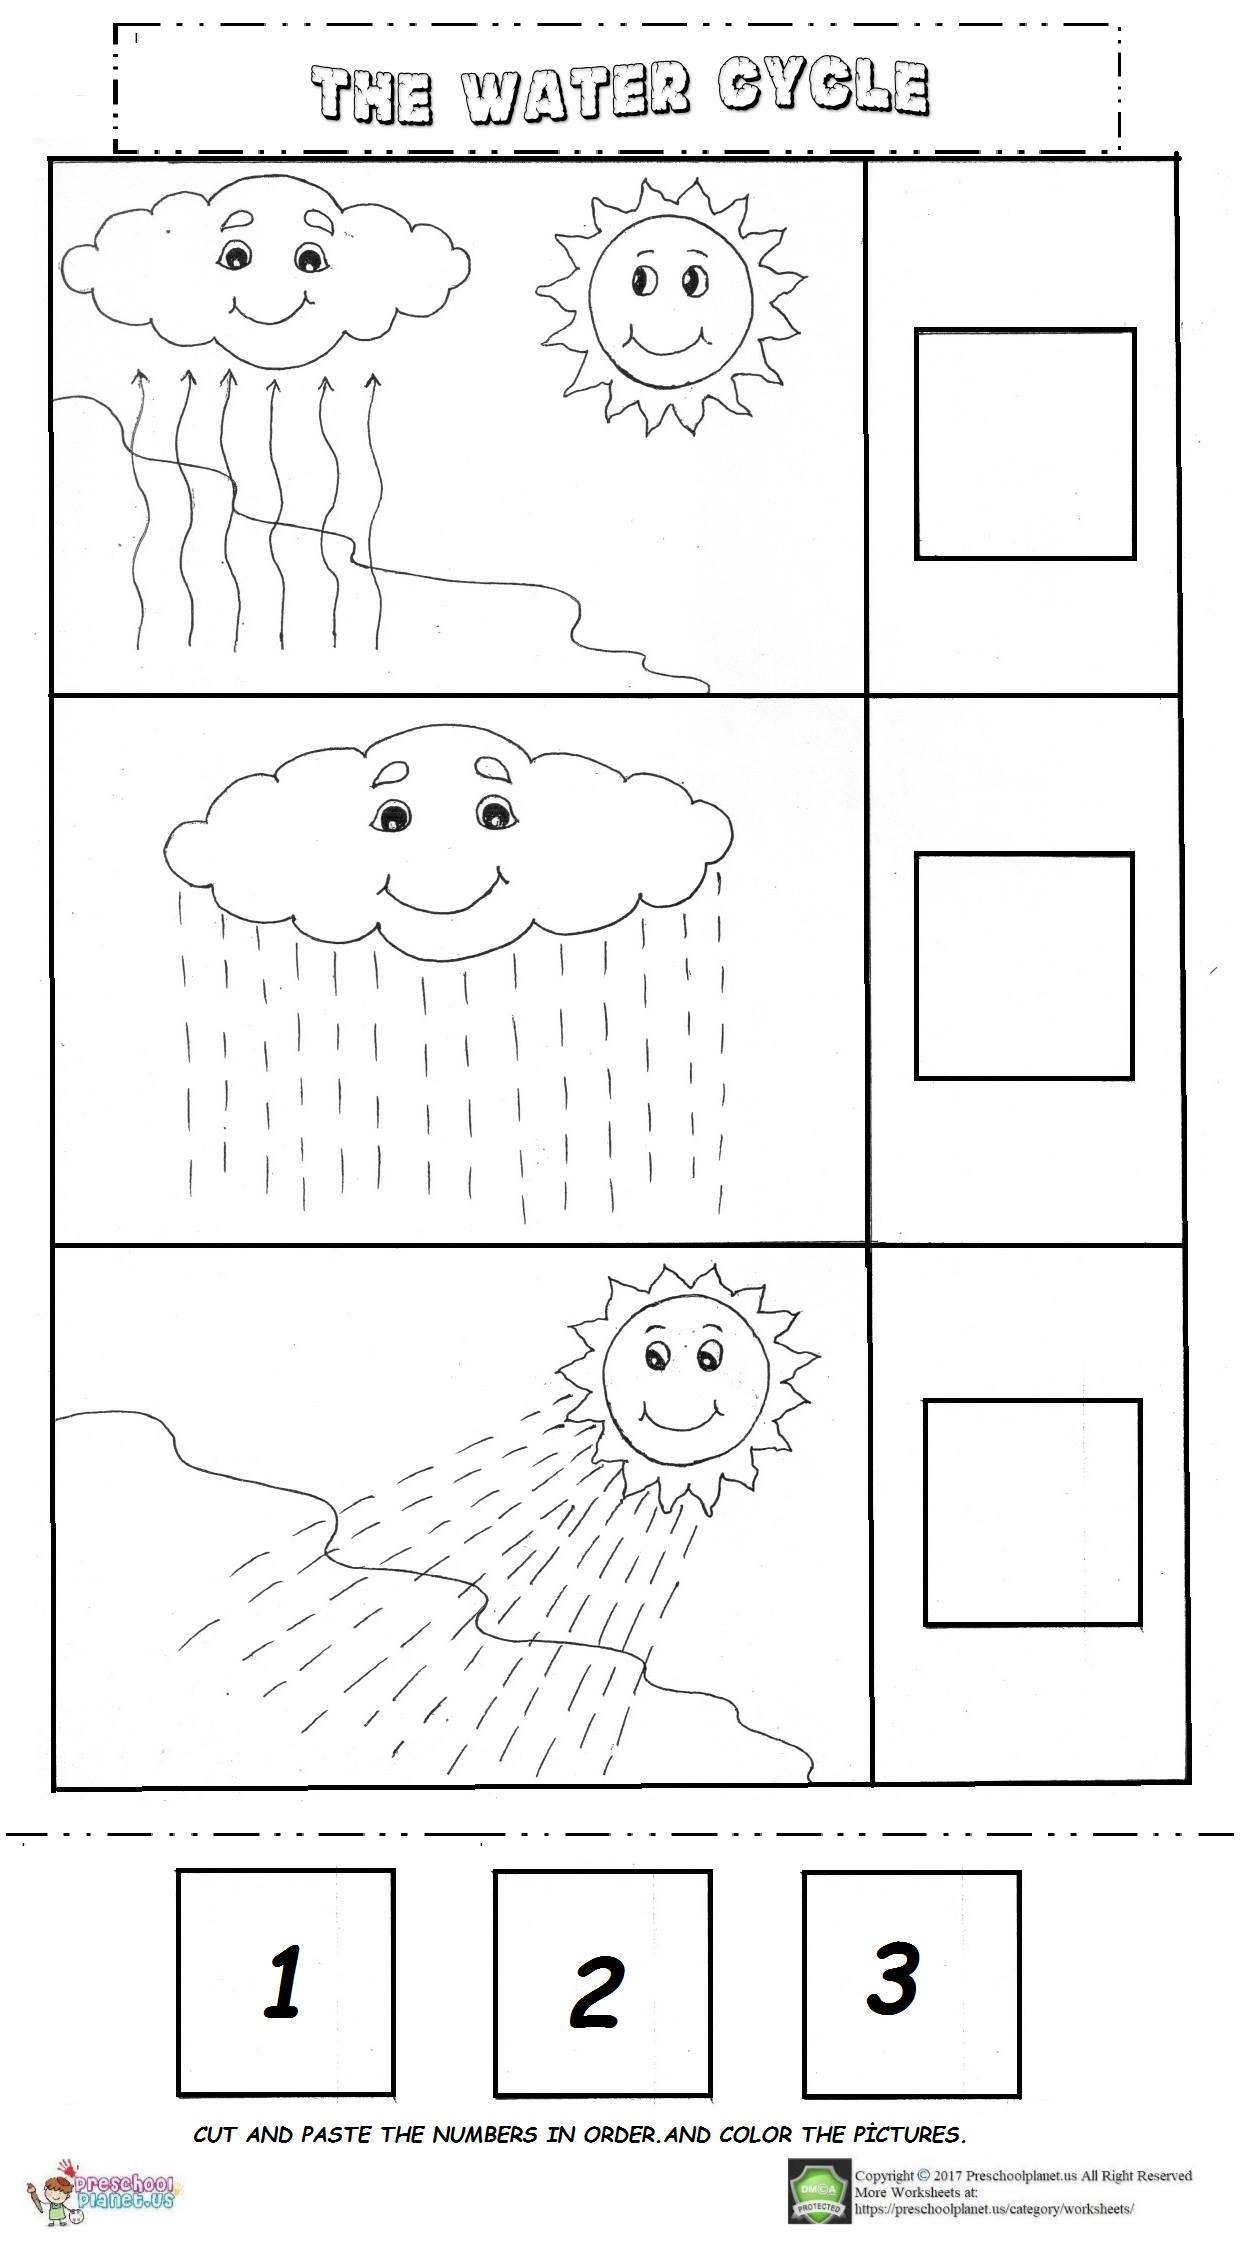 Water Cycle Worksheet Pdf the Water Cycle Worksheet – Preschoolplanet